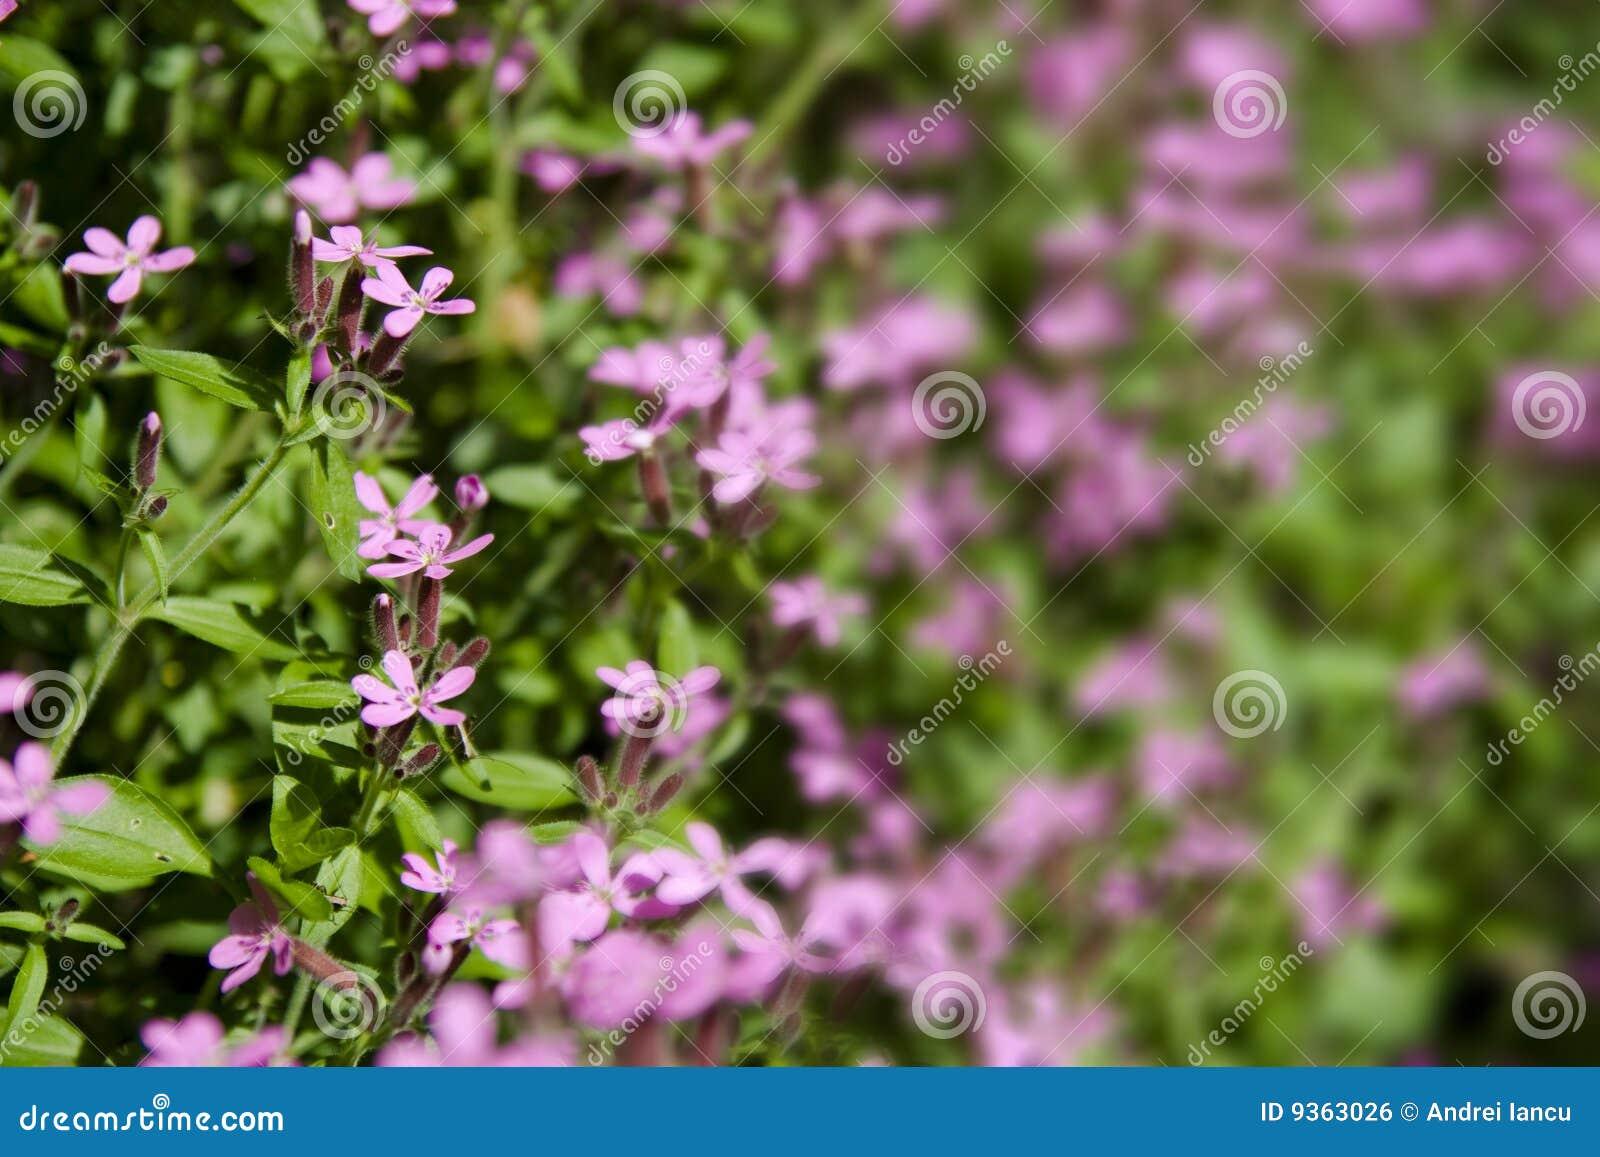 fleurs sauvages roses photo stock image du chaleur fleur. Black Bedroom Furniture Sets. Home Design Ideas